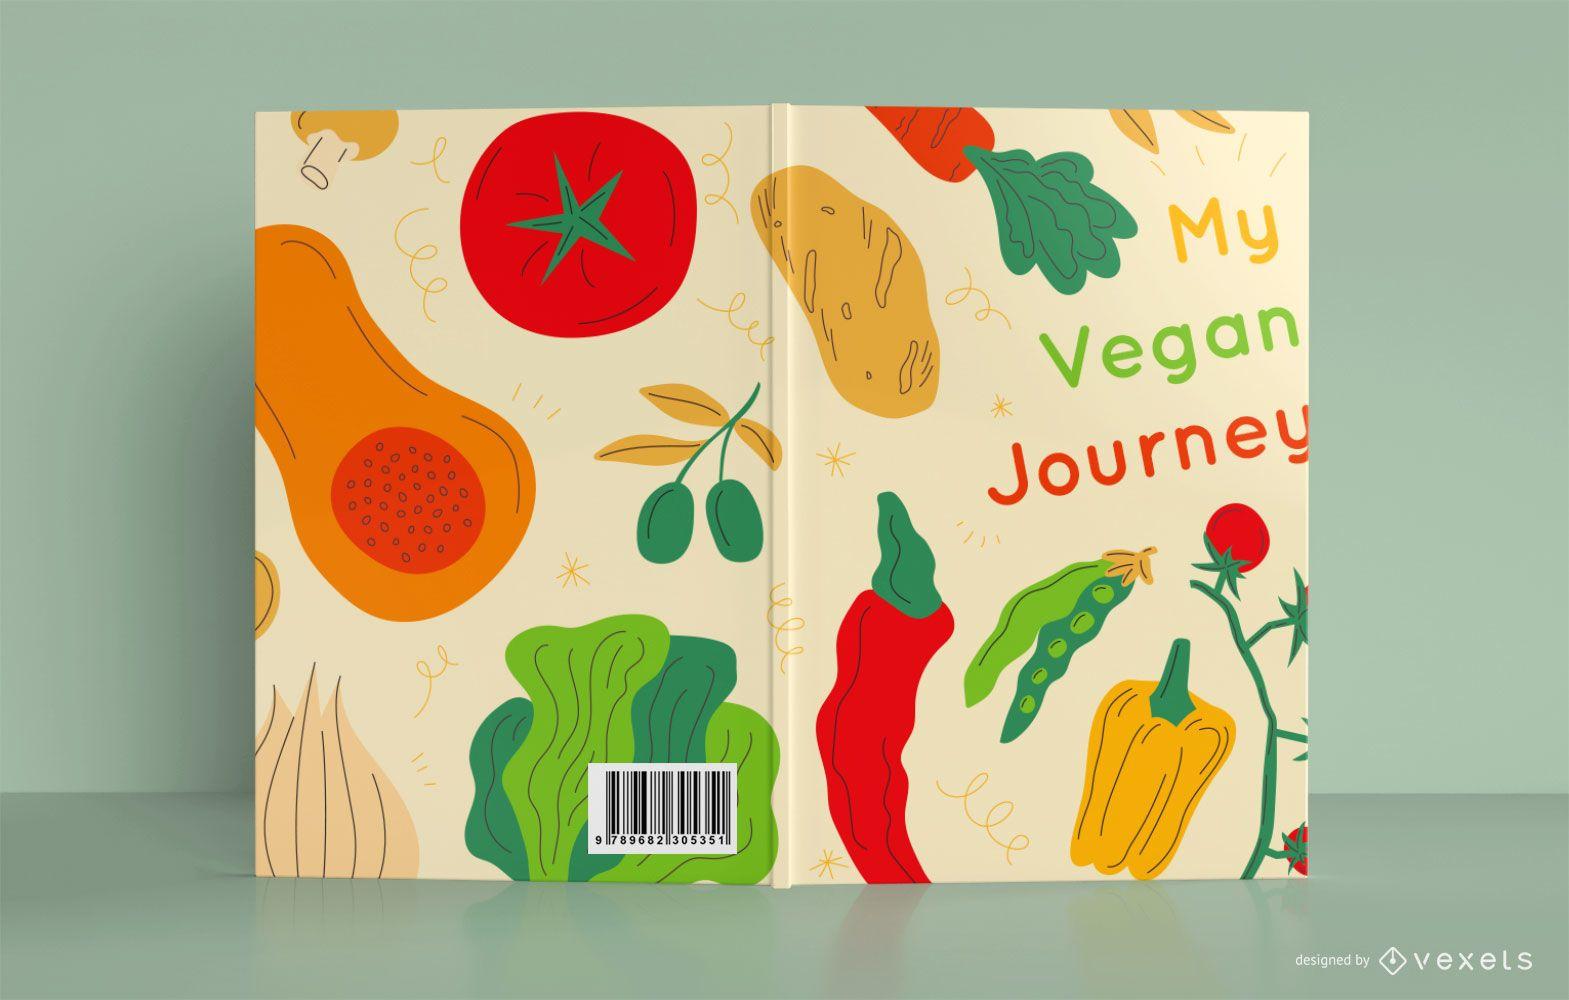 Mi dise?o de portada de libro de viaje vegano